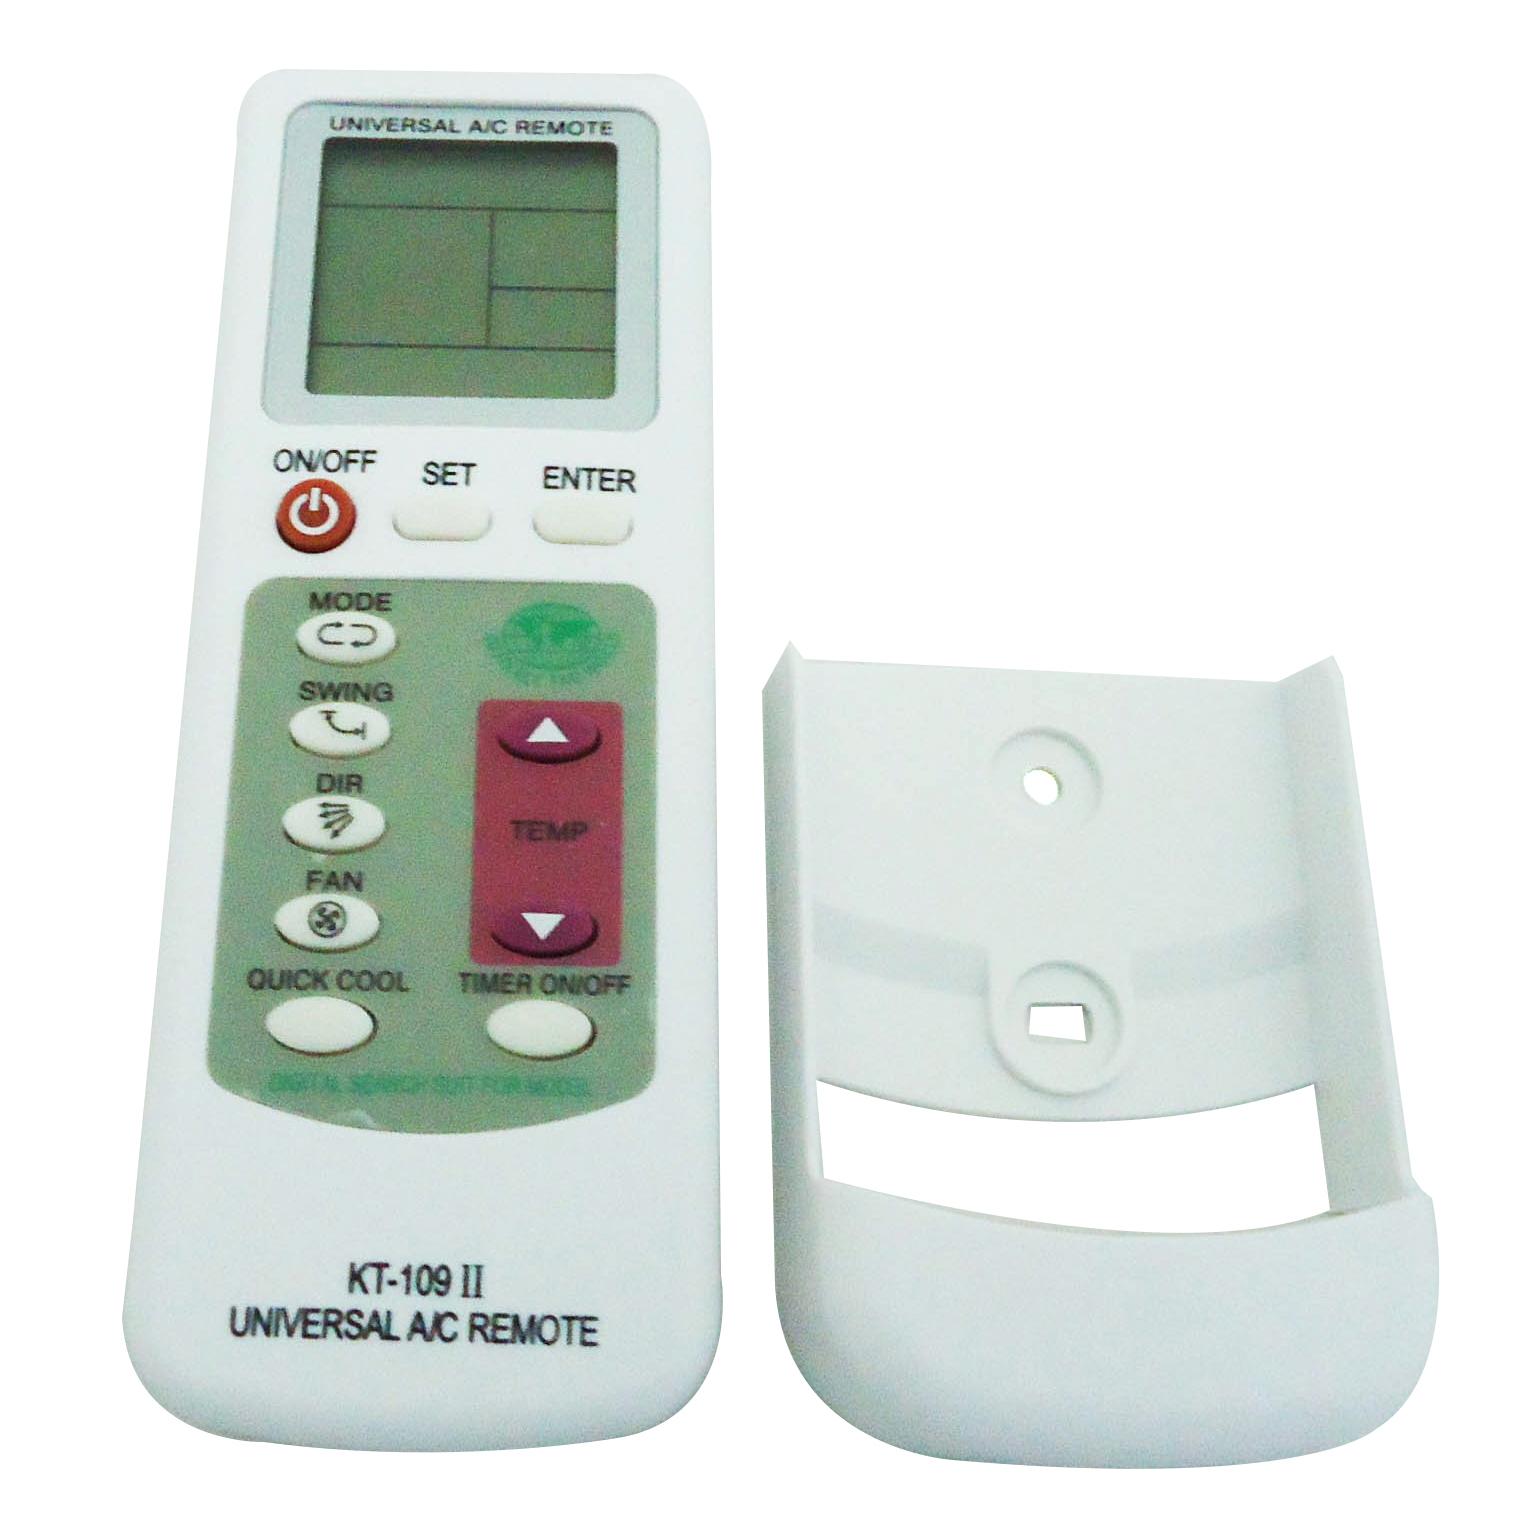 KT109 Τηλεχειριστήρια Κλιματιστικών Air Condition κλιματισμός    ανταλλακτικά   εξαρτήματα κλιματιστικών a c  προσφορές   κλιματισ